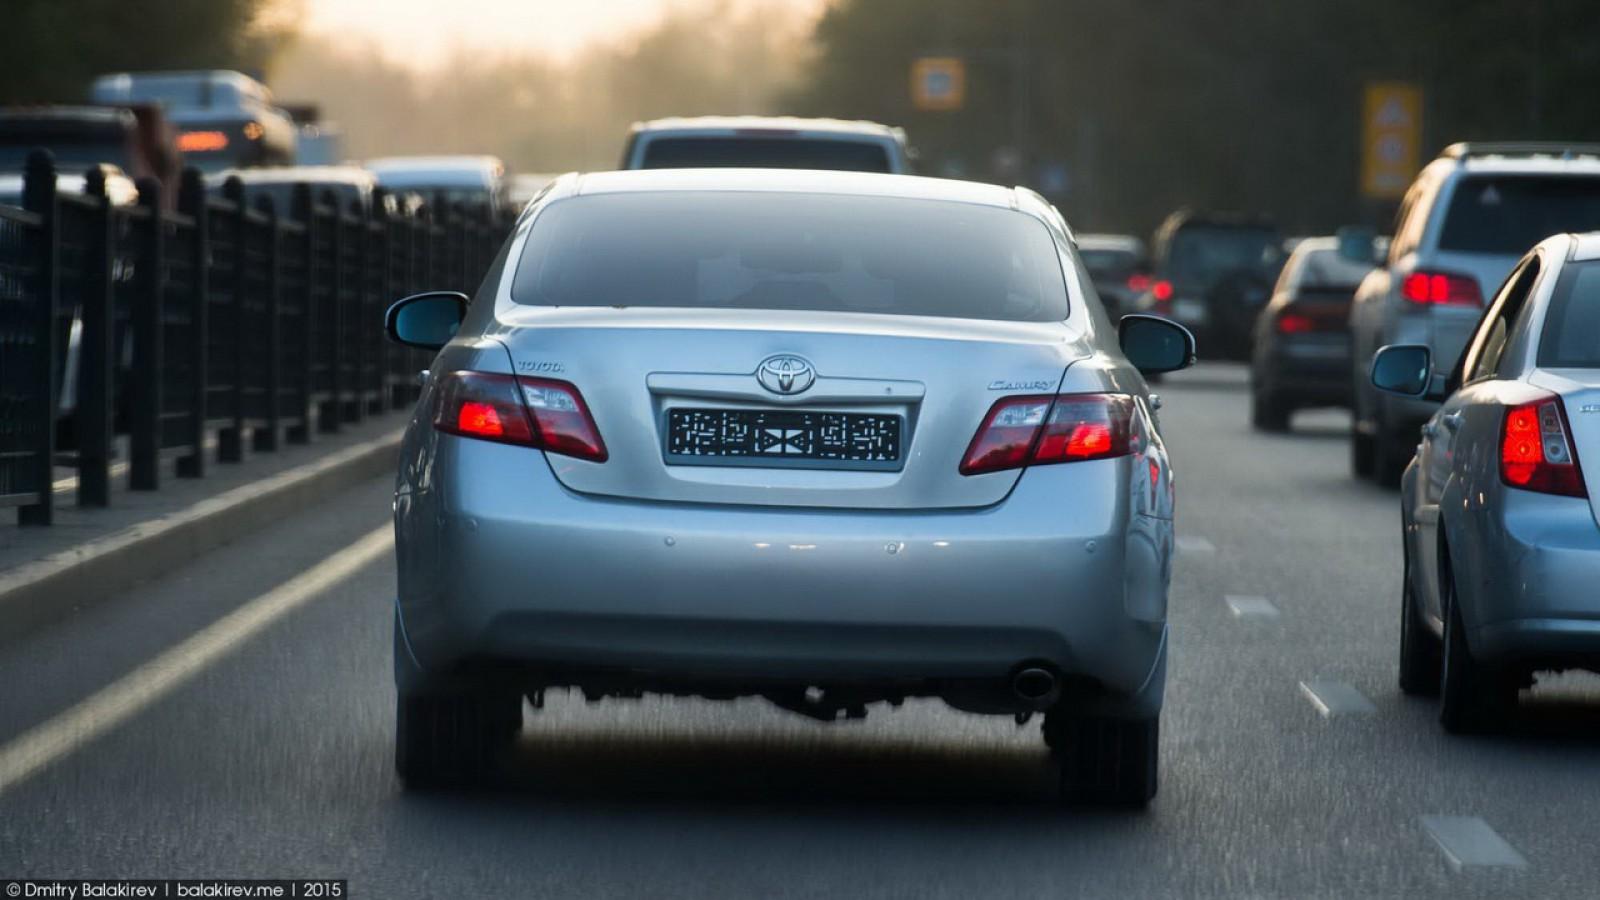 """(foto) """"Plăcuţa de înmatriculare"""" pe care şi-o poate face orice şofer a fost găsită pe o maşină din Chişinău"""